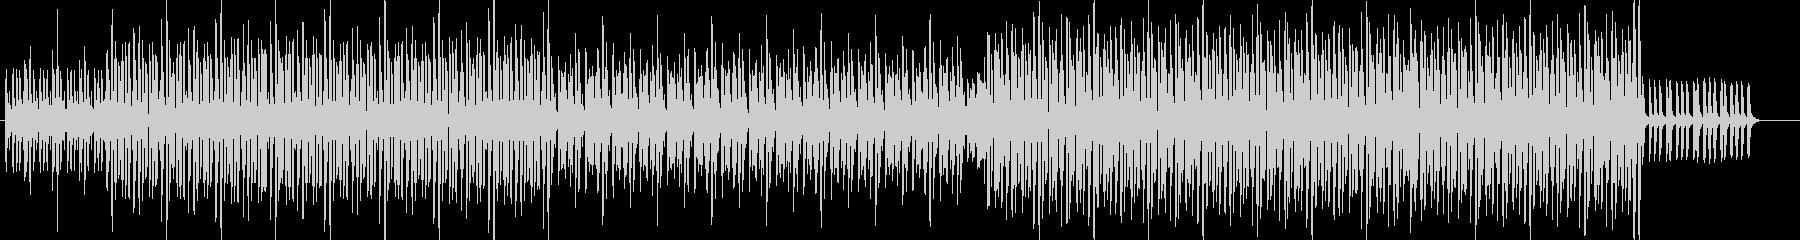 シンプルなピアノ入り90年代ハウスの未再生の波形